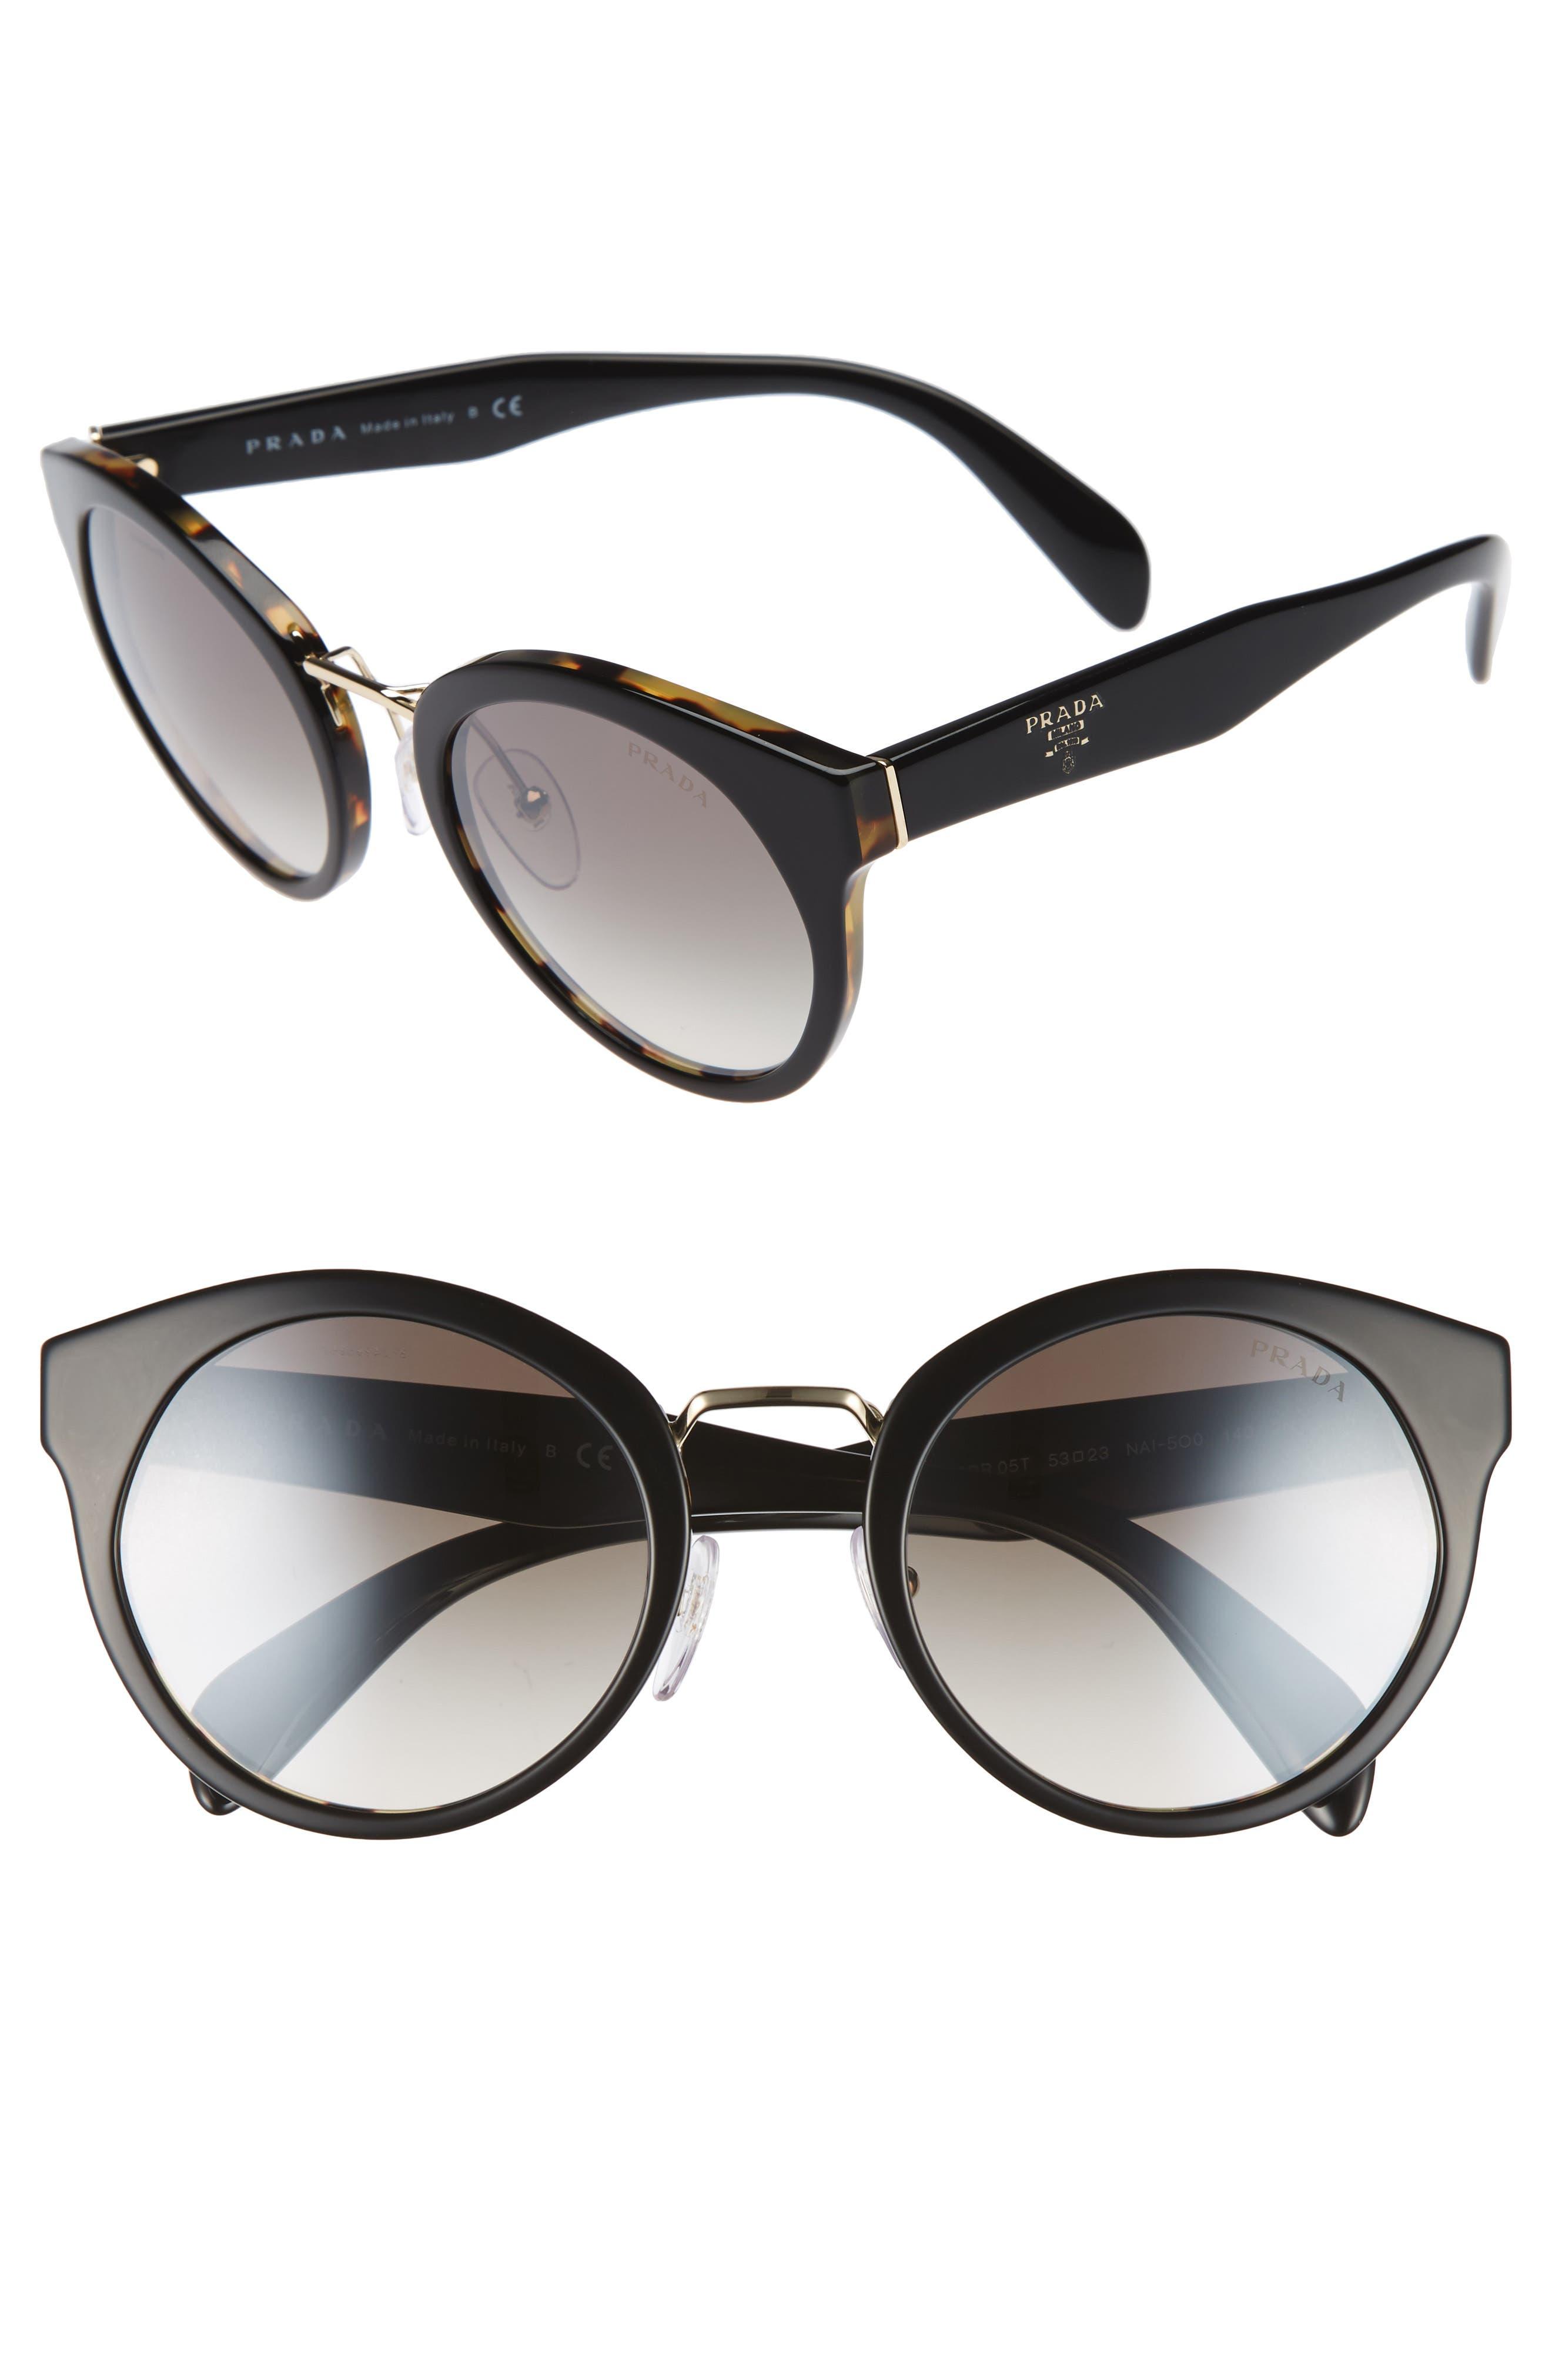 Prada 53mm Round Gradient Mirror Sunglasses